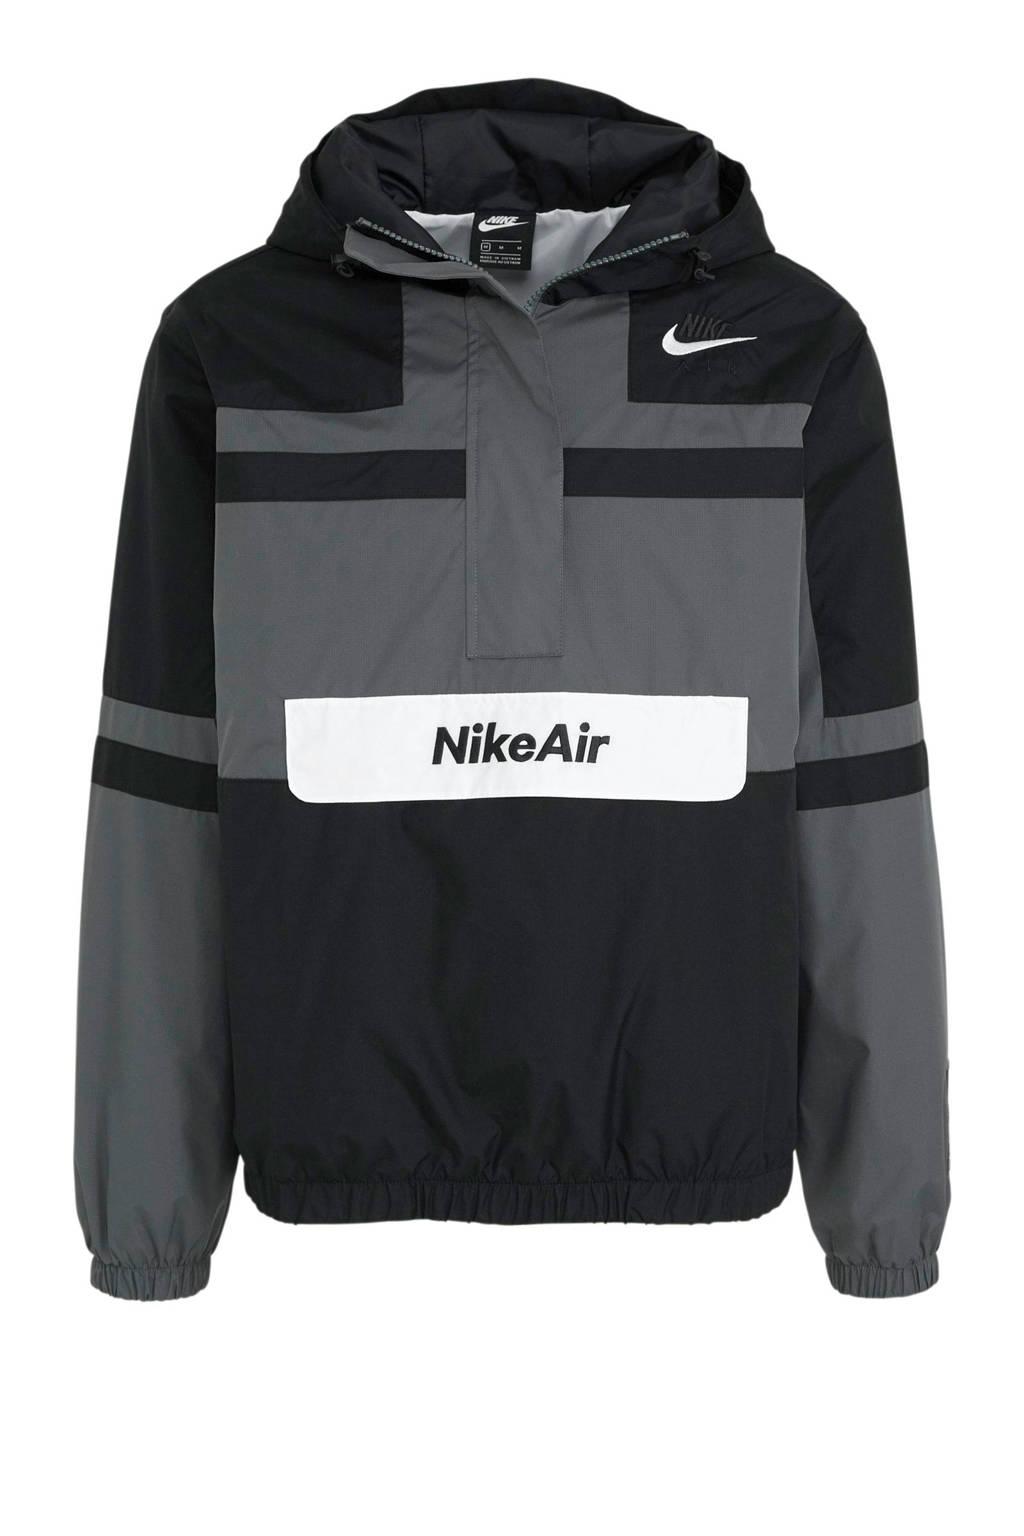 Nike   anorak zwart/grijs, Zwart/grijs/wit